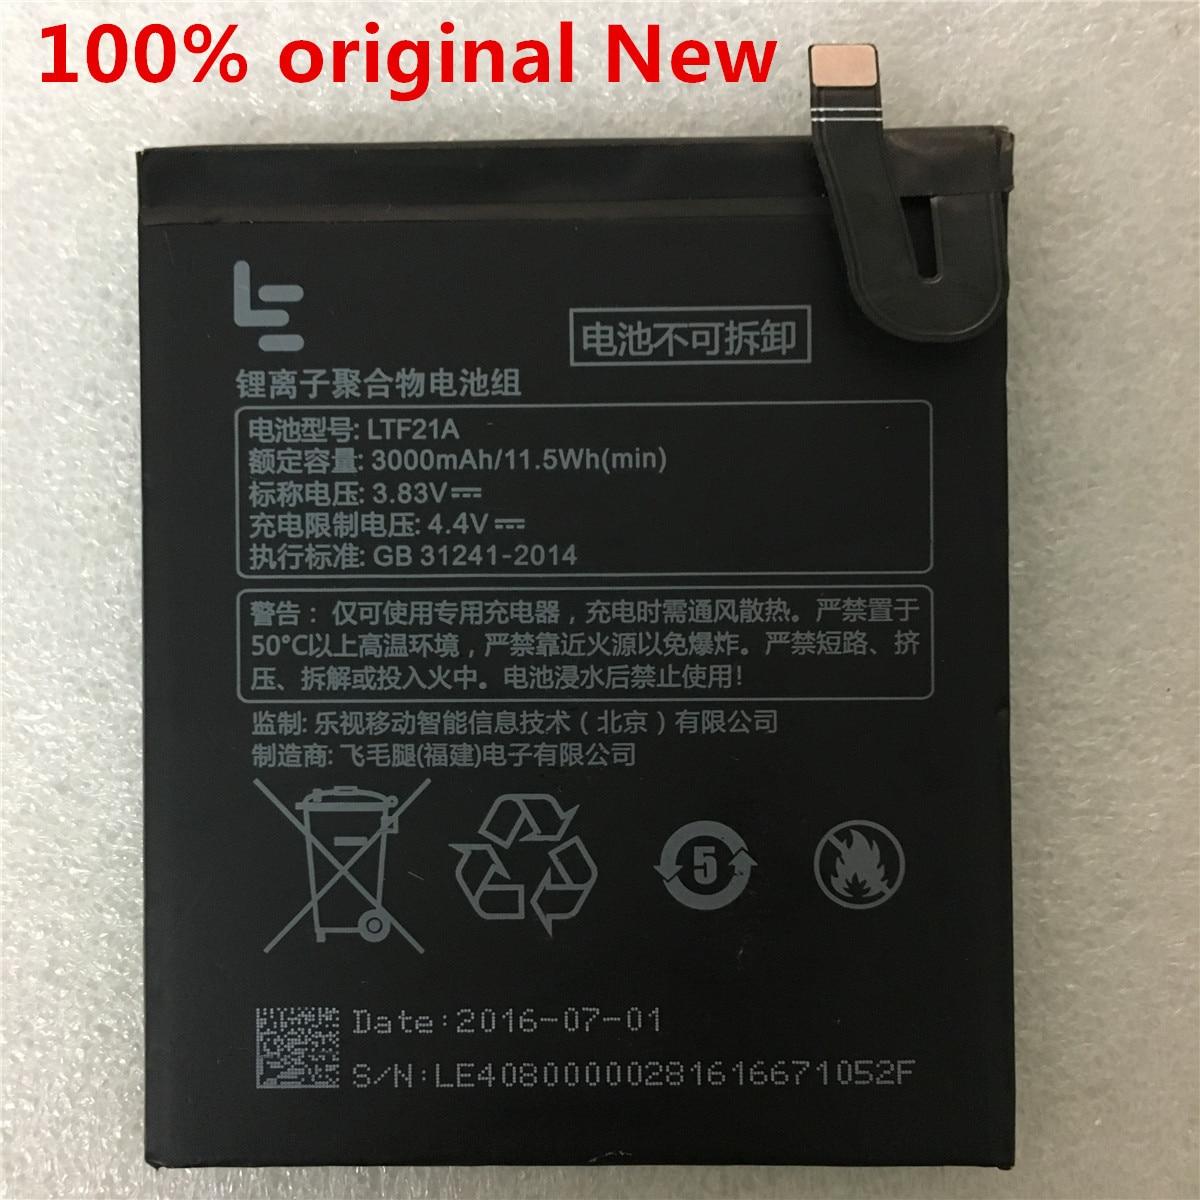 100% D'origine LTF21A Batterie Pour Letv LeEco Le 2 (pro) le 2S au S3 X20 X626 X528 X621 X625 X25 X525 X620 X520 X522 X527 X526